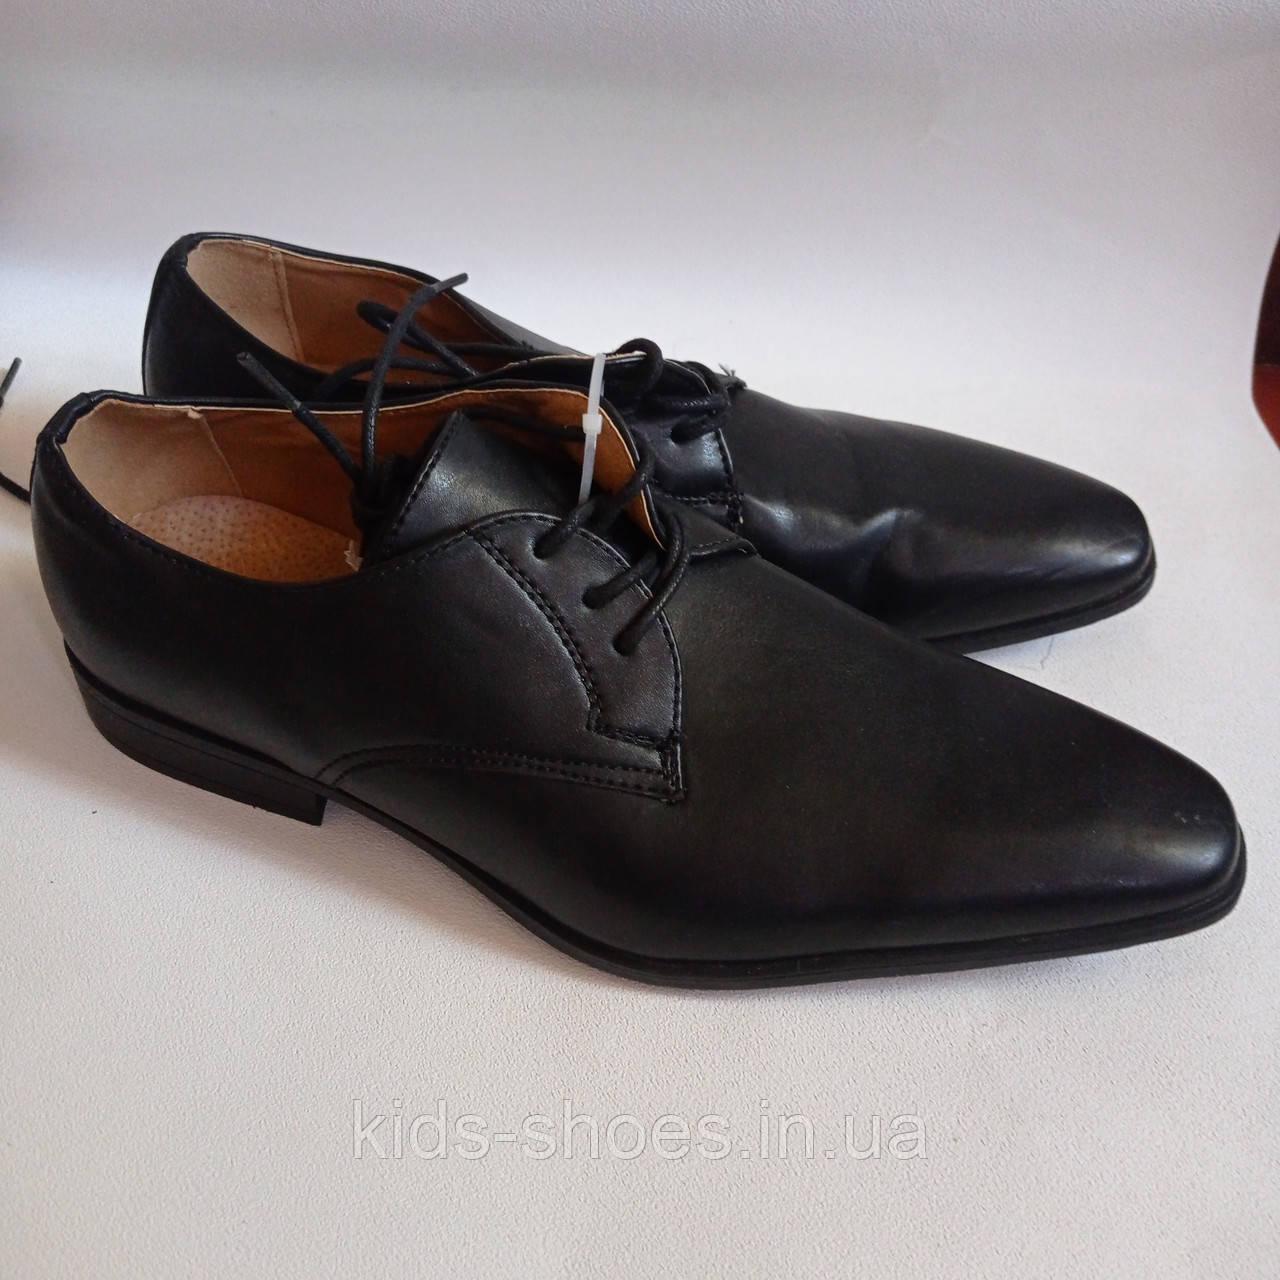 Чоловічі шкіряні туфлі 44-28.5 см LIVERGY